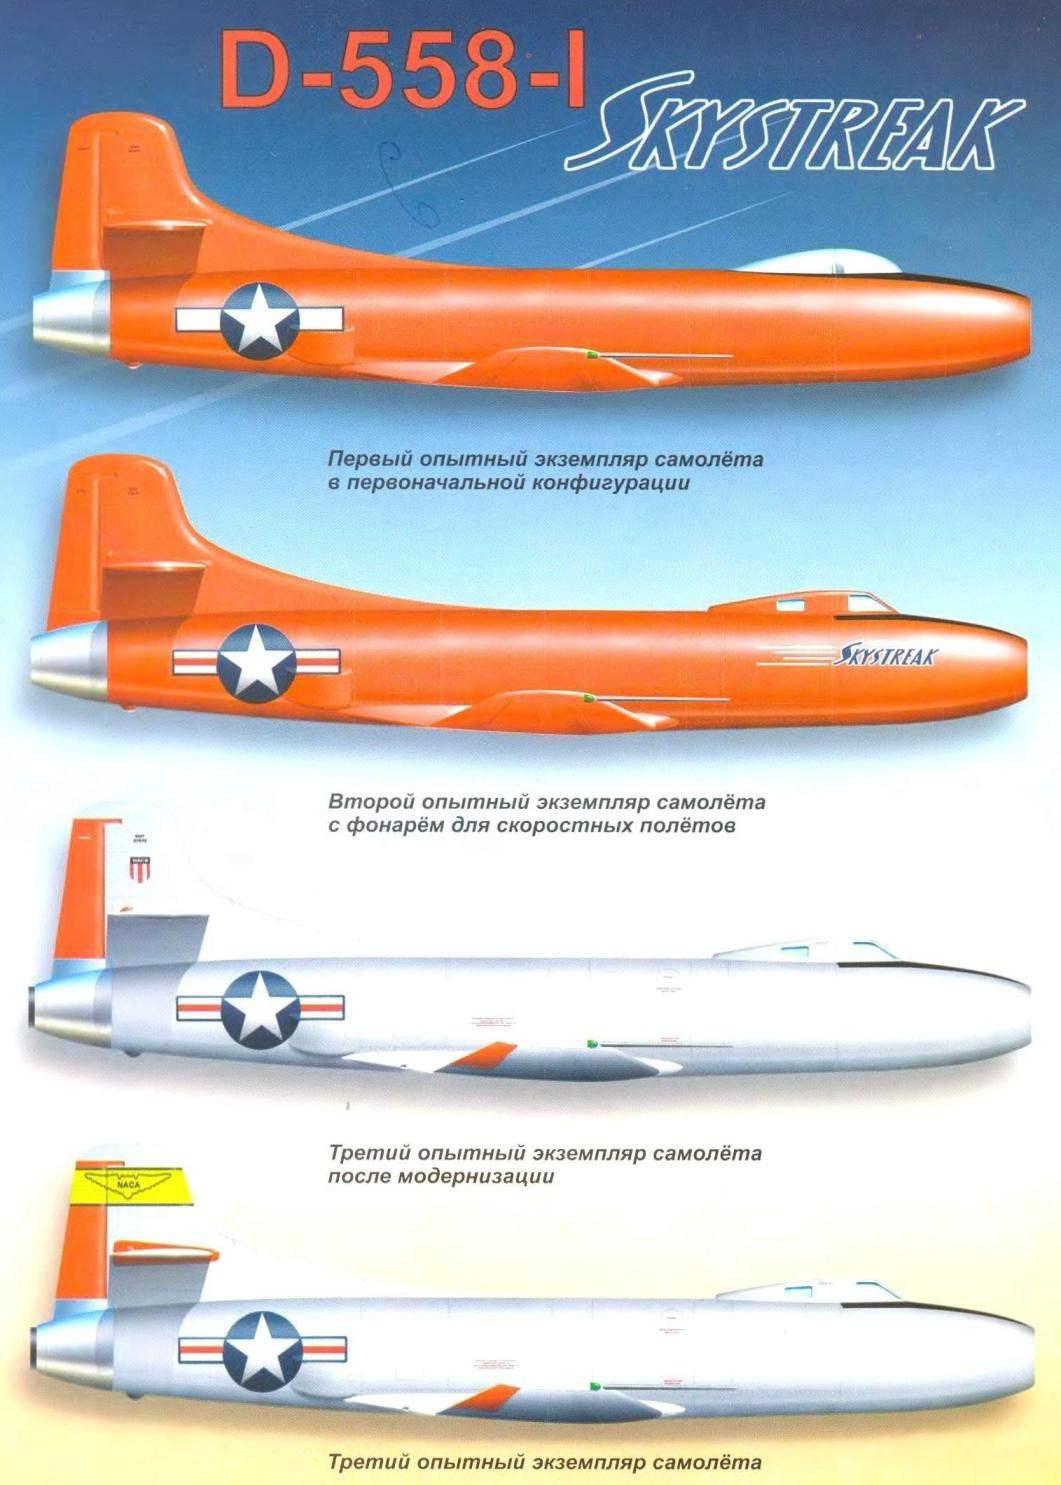 Экспериментальный самолёт D-558-I